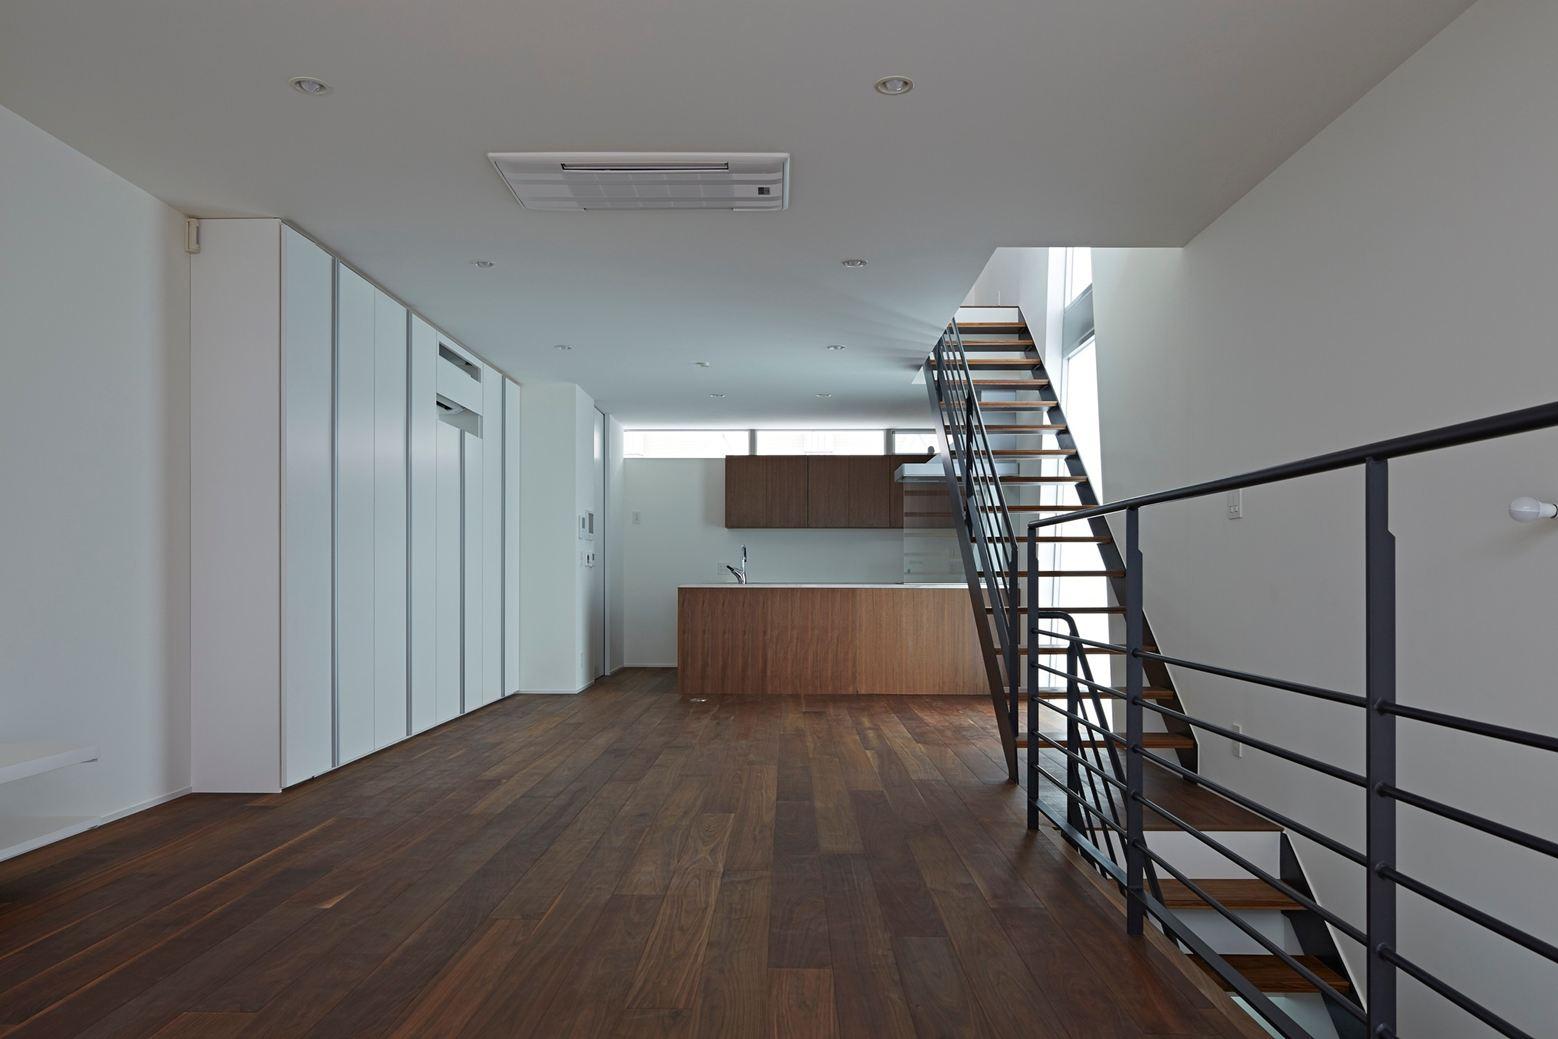 House in Kitakyushu, Japan by Masao Yahagi Architects